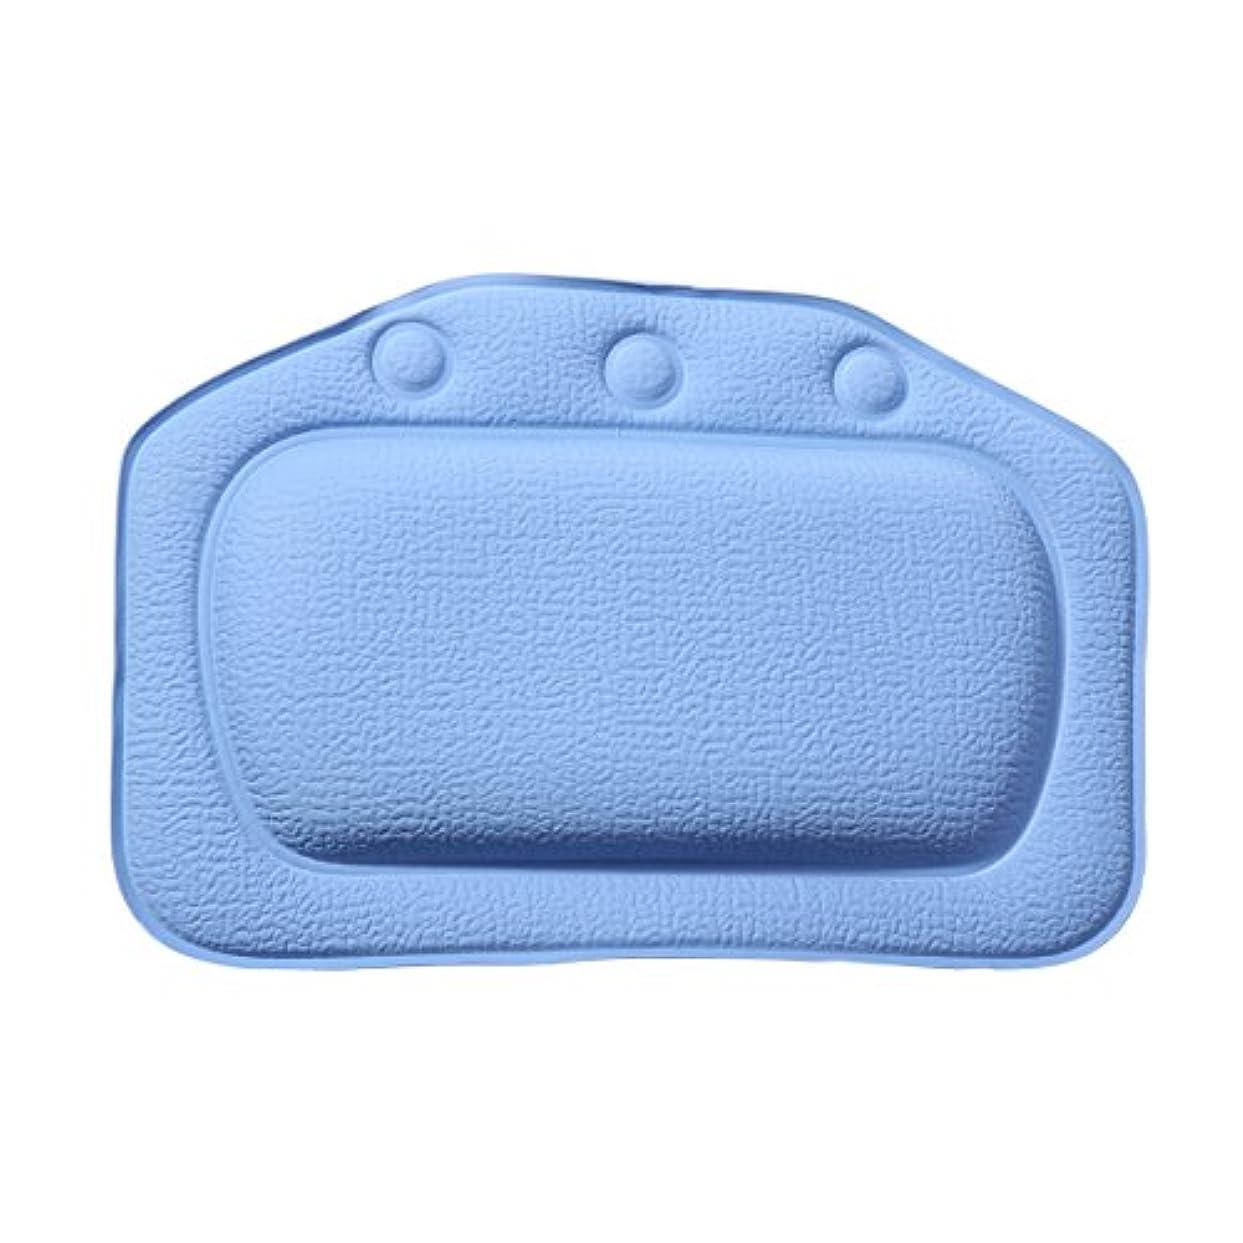 肘年次必要条件ROSENICE お風呂まくら バスピロー 3つ吸盤 超强吸着 滑り止め PVC バスタブ 浴槽枕 枕 安眠 人気 肩こり 熟睡 浴用品 グッズ 横向き枕 防水(ダークブルー)